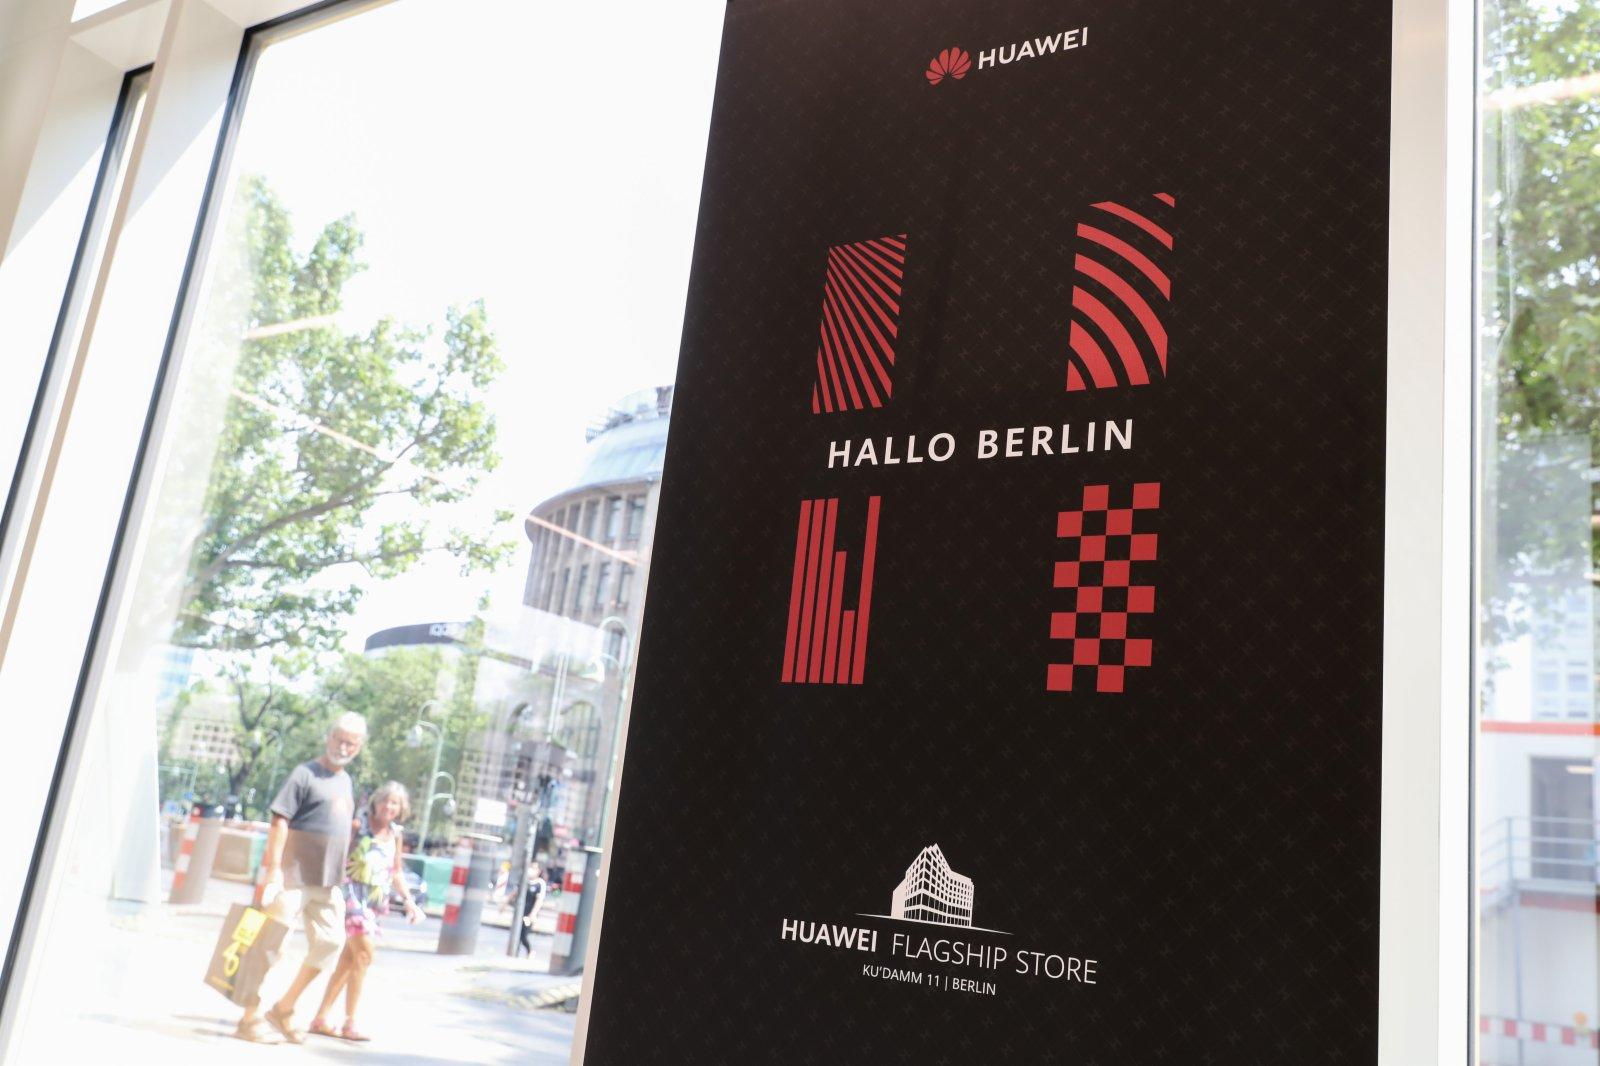 在德國首都柏林的華為旗艦店內拍攝的海報。